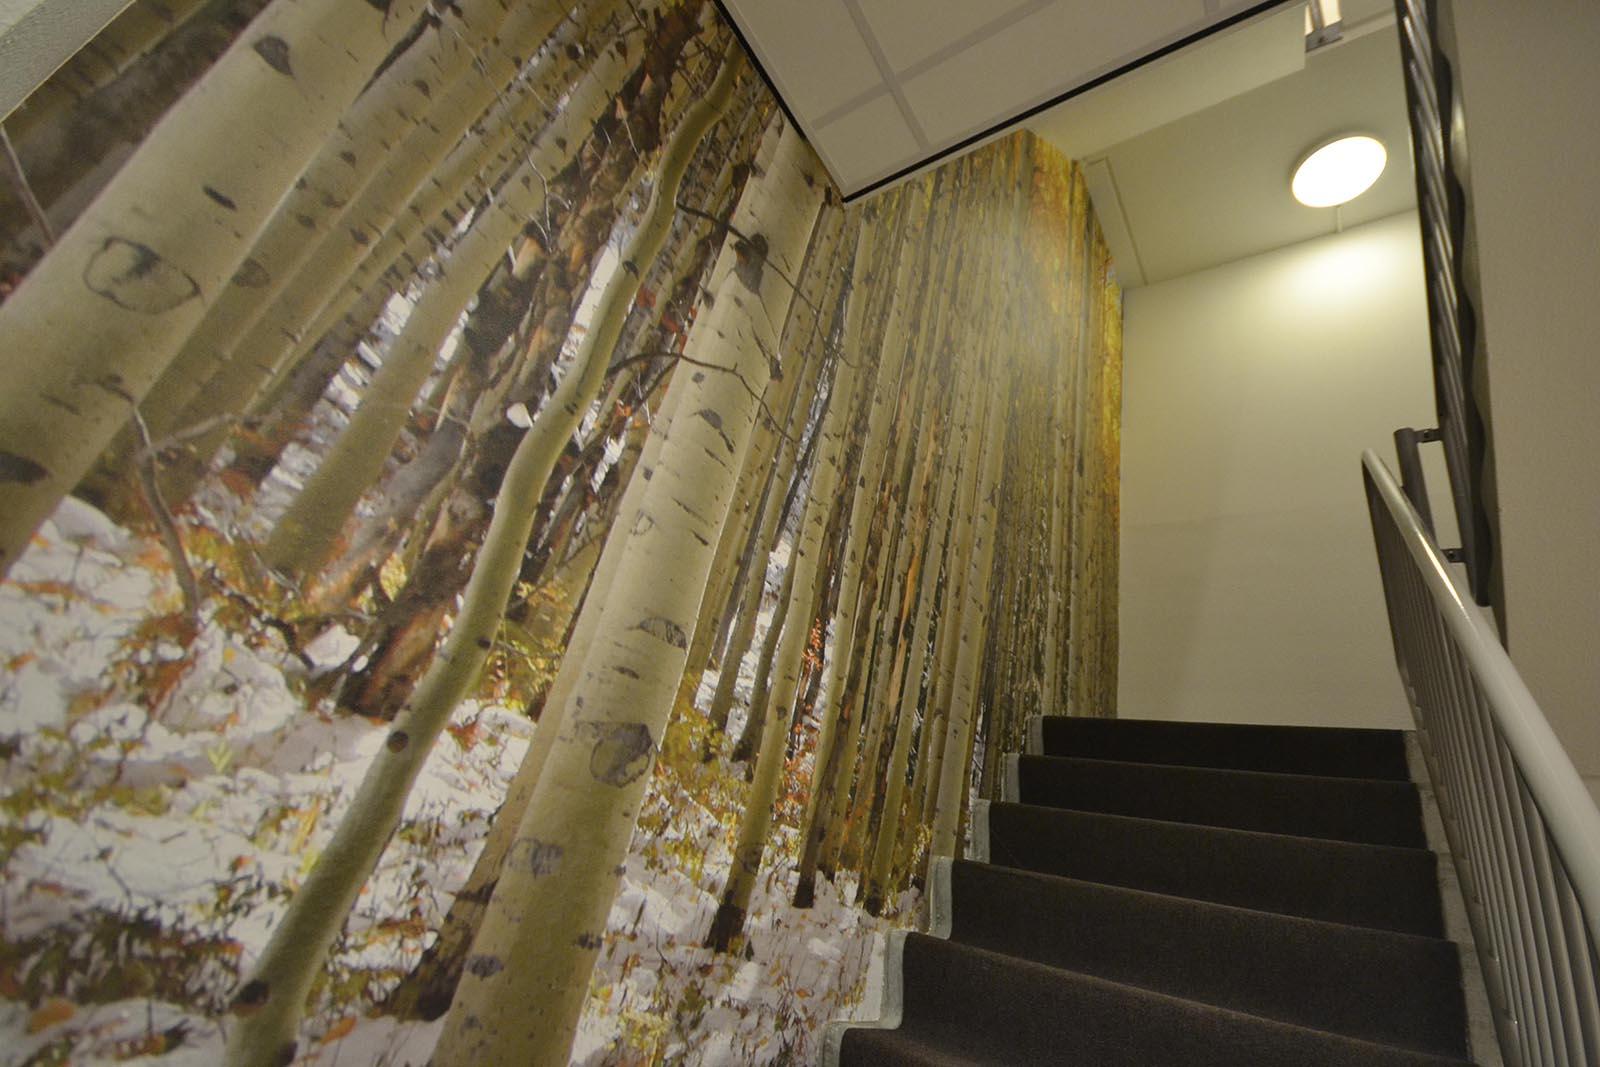 Fotobehang bos beste inspiratie voor huis ontwerp - Behang voor trappenhuis ...